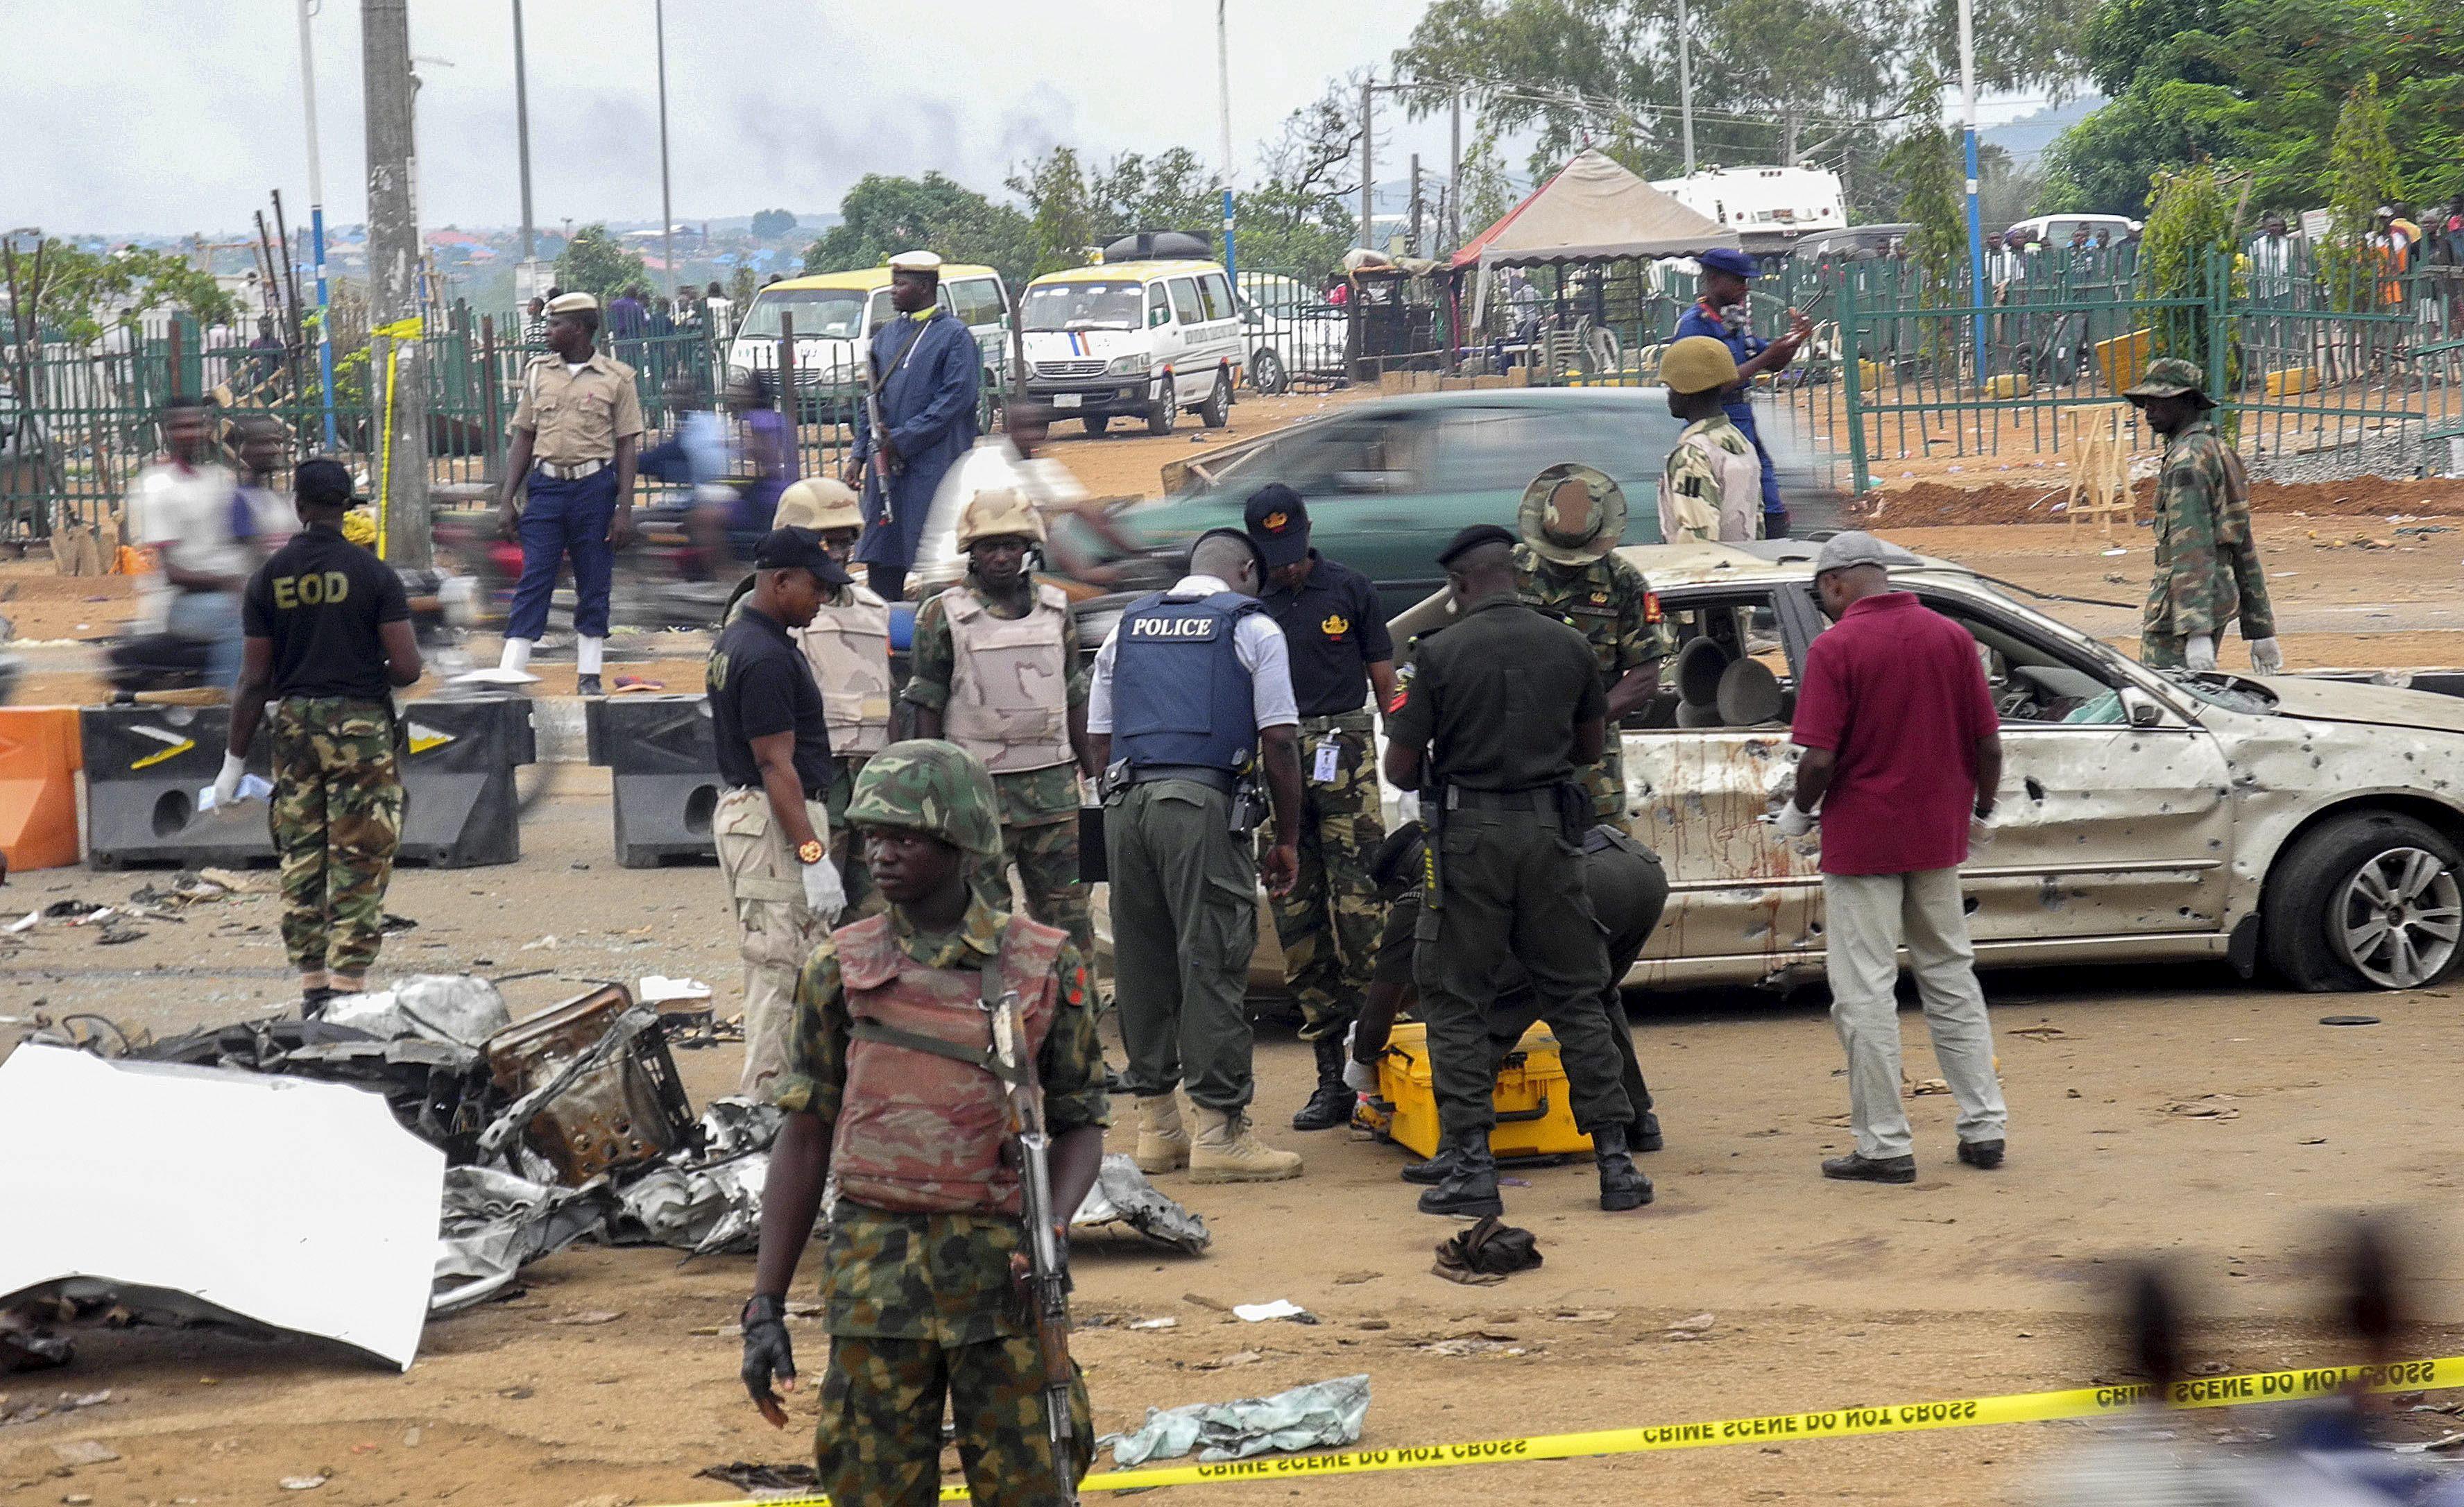 Al menos 5 muertes en un atentado suicida en una zona de bares del norte de Nigeria